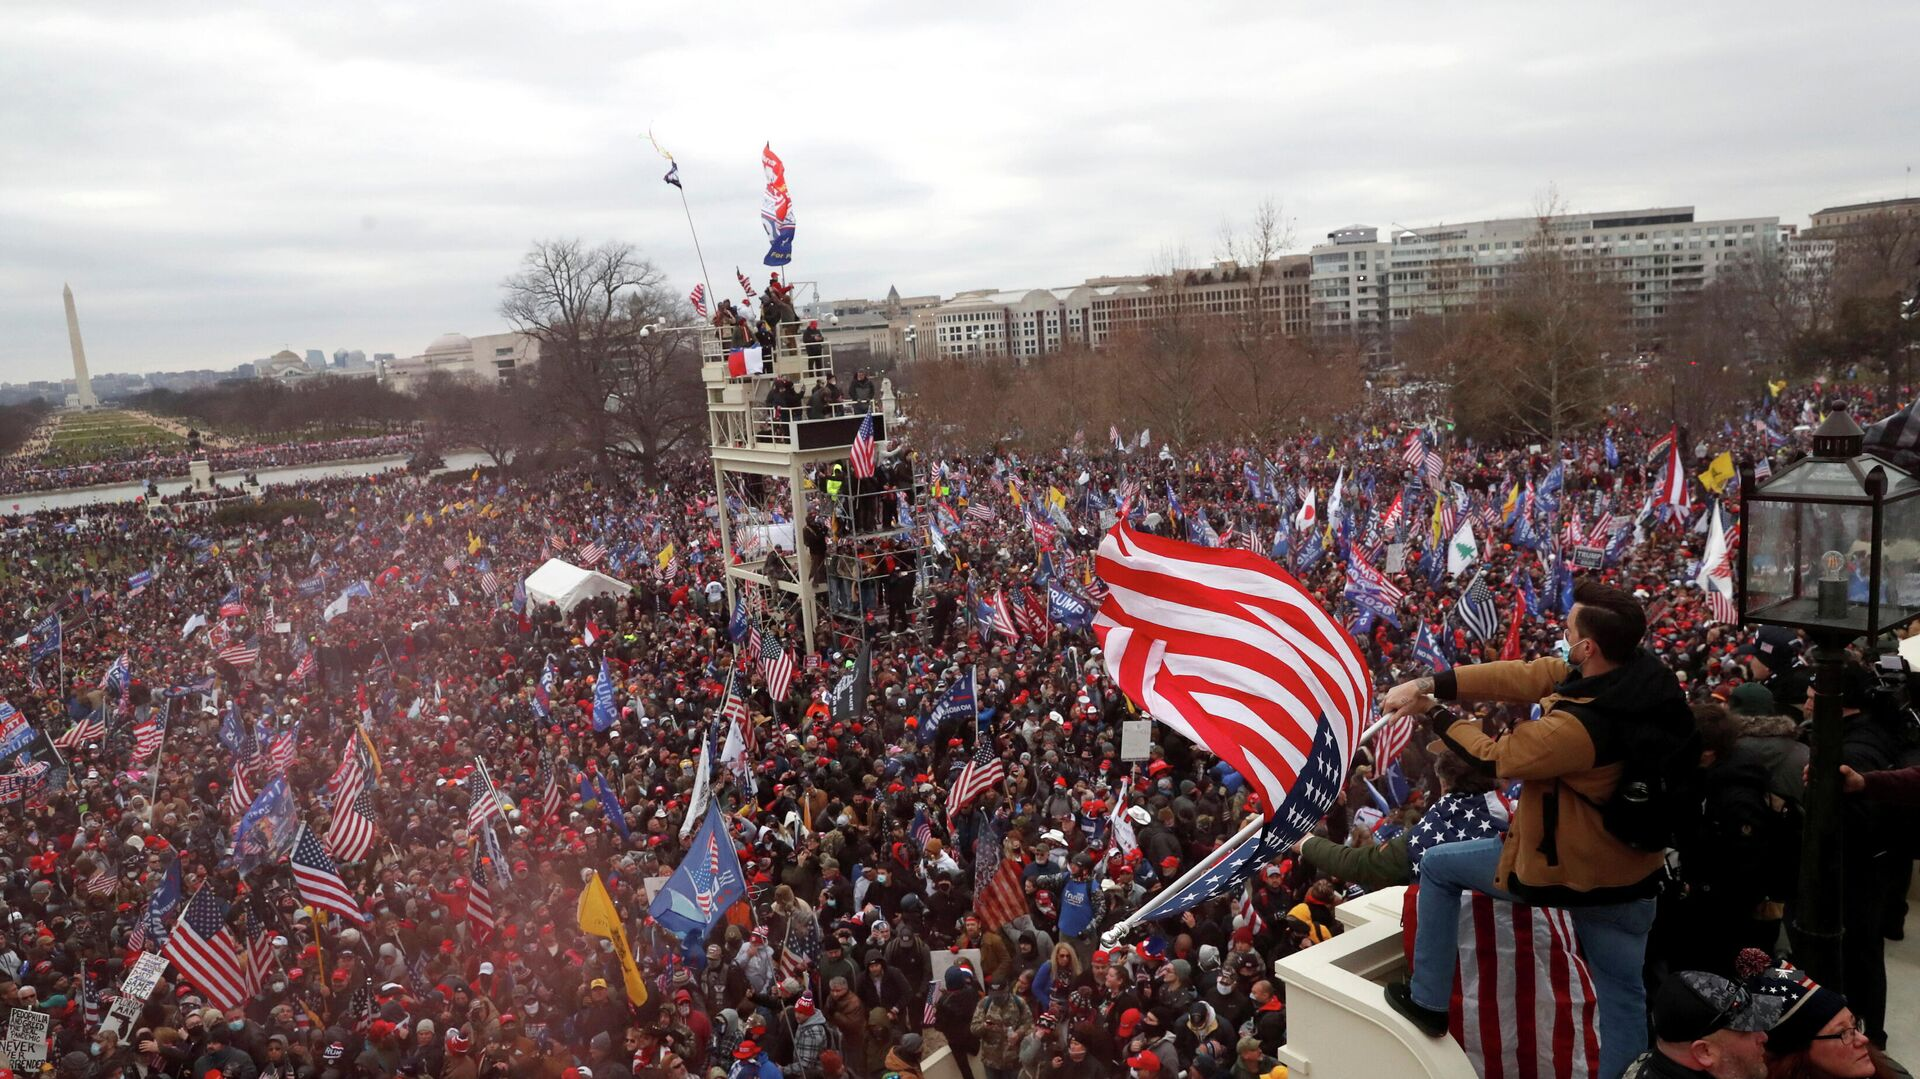 Участники акции сторонников действующего президента США Дональда Трампа у здания конгресса в Вашингтоне - РИА Новости, 1920, 13.01.2021